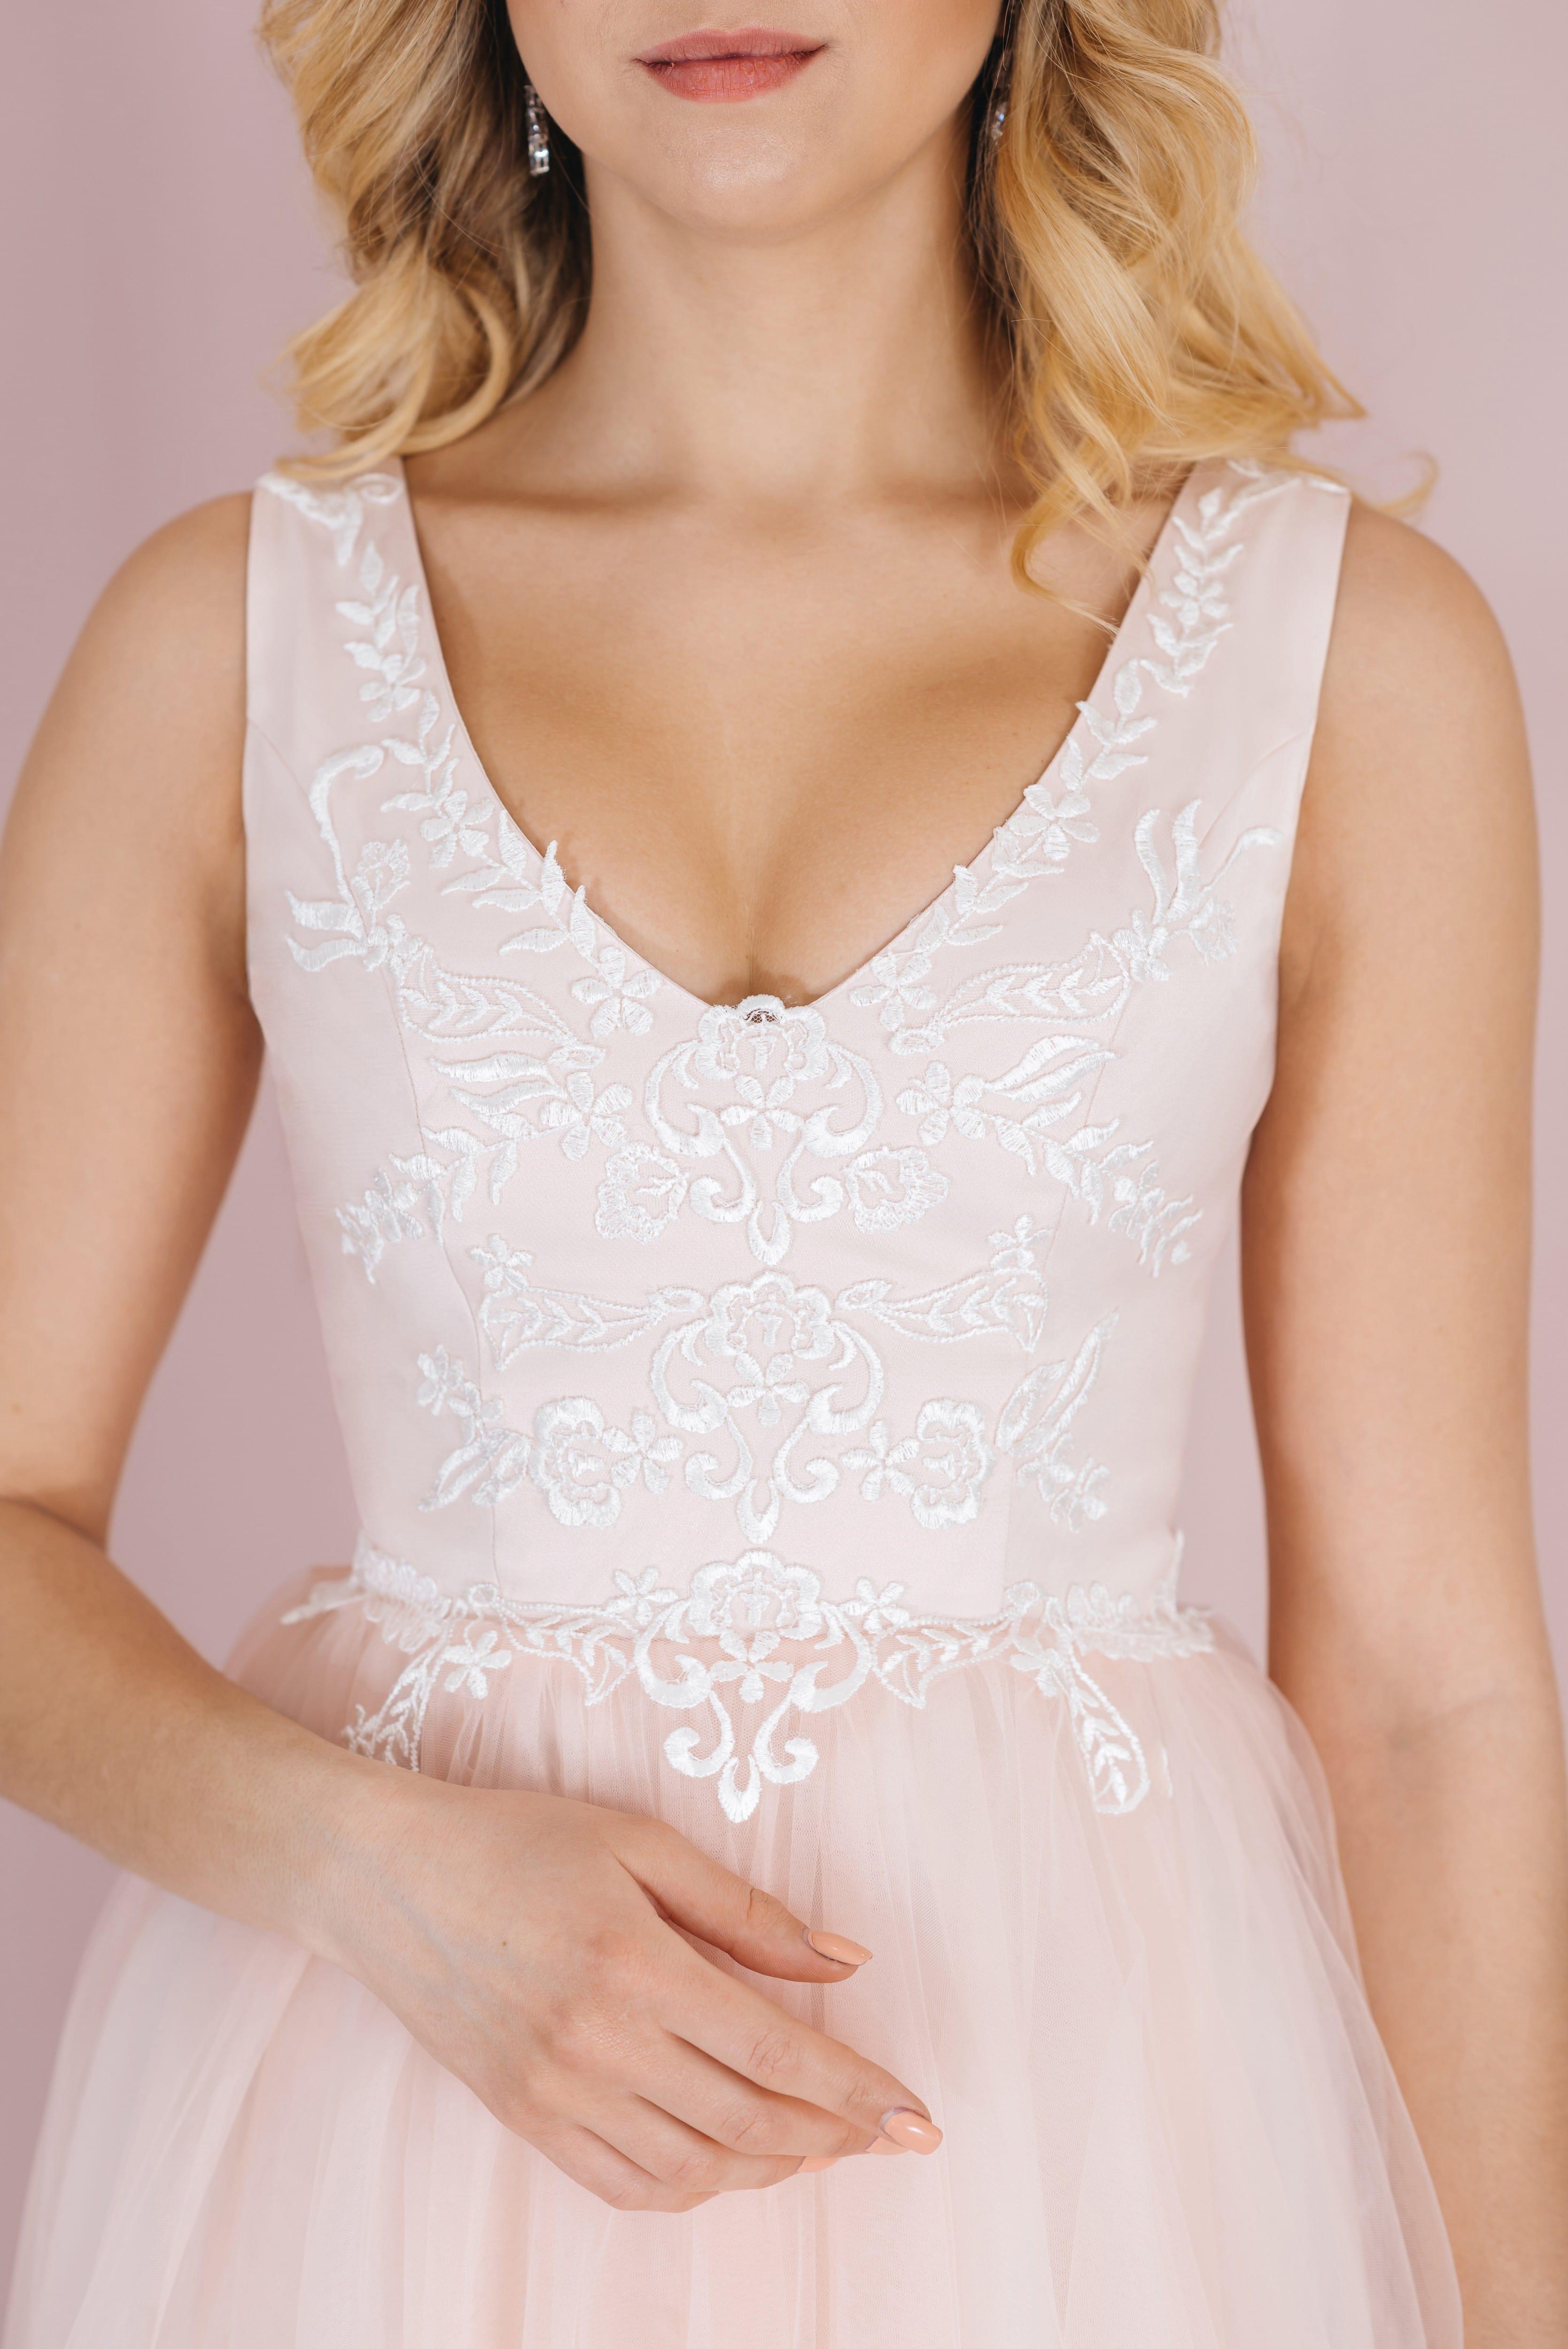 Свадебное платье AMELI, коллекция LOFT, бренд RARE BRIDAL, фото 4